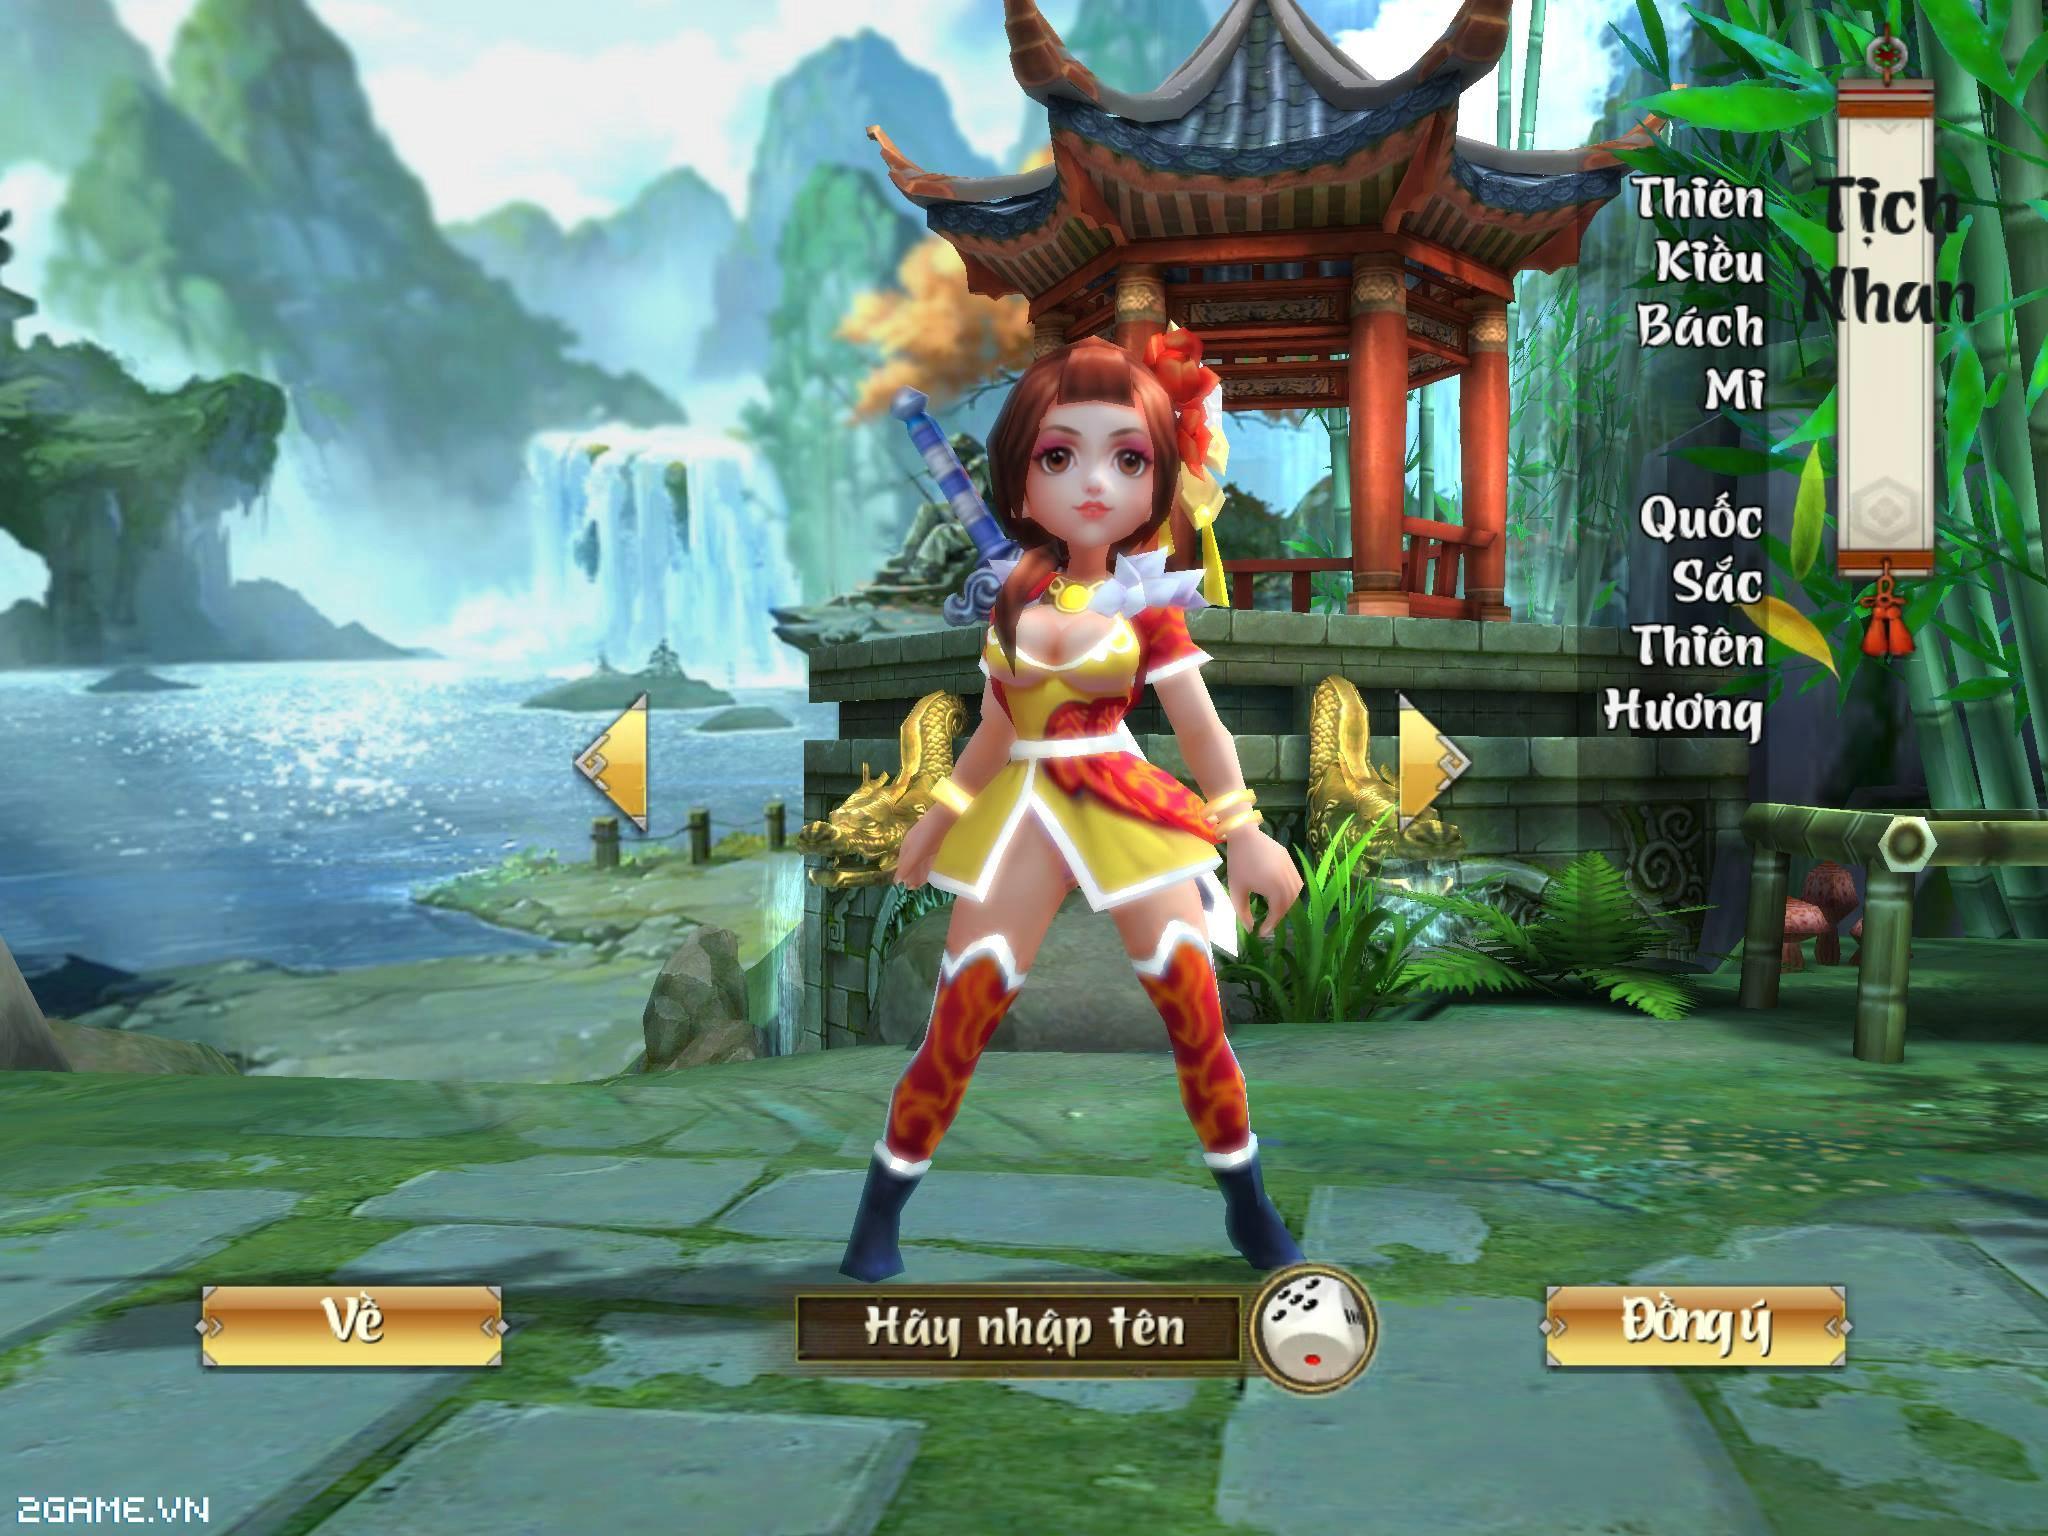 Cận cảnh 4 nhân vật chính trong gMO 3D Võ Lâm Ngoại Truyện Mobile 3